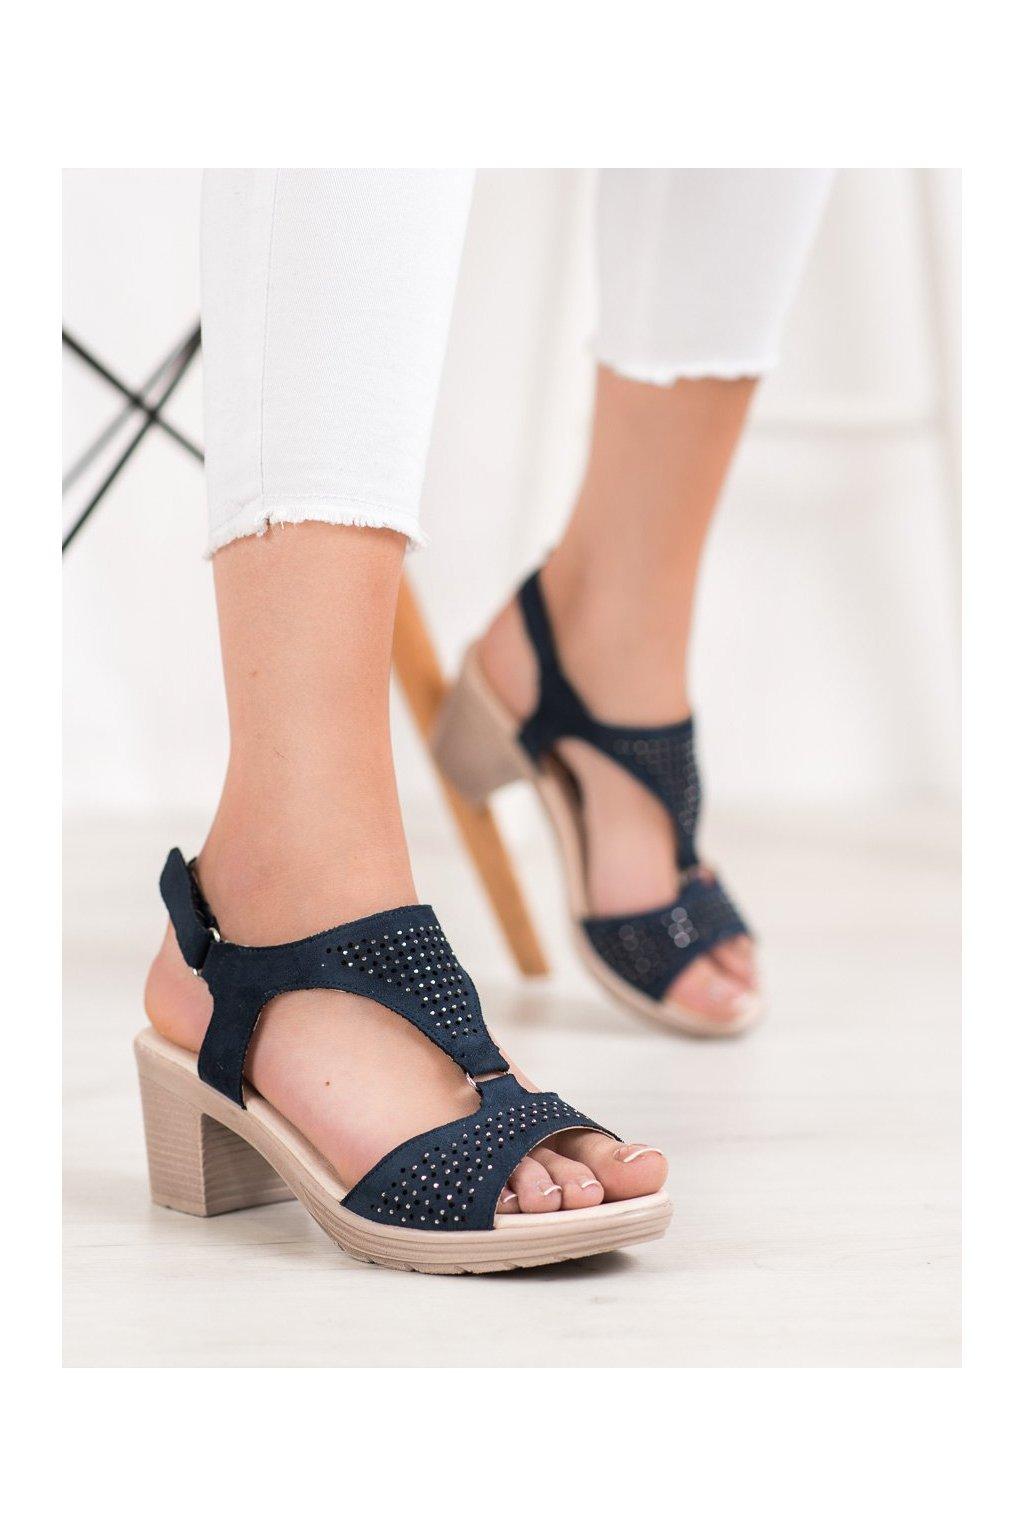 Modré sandále Shelovet kod B119-06-01MAR